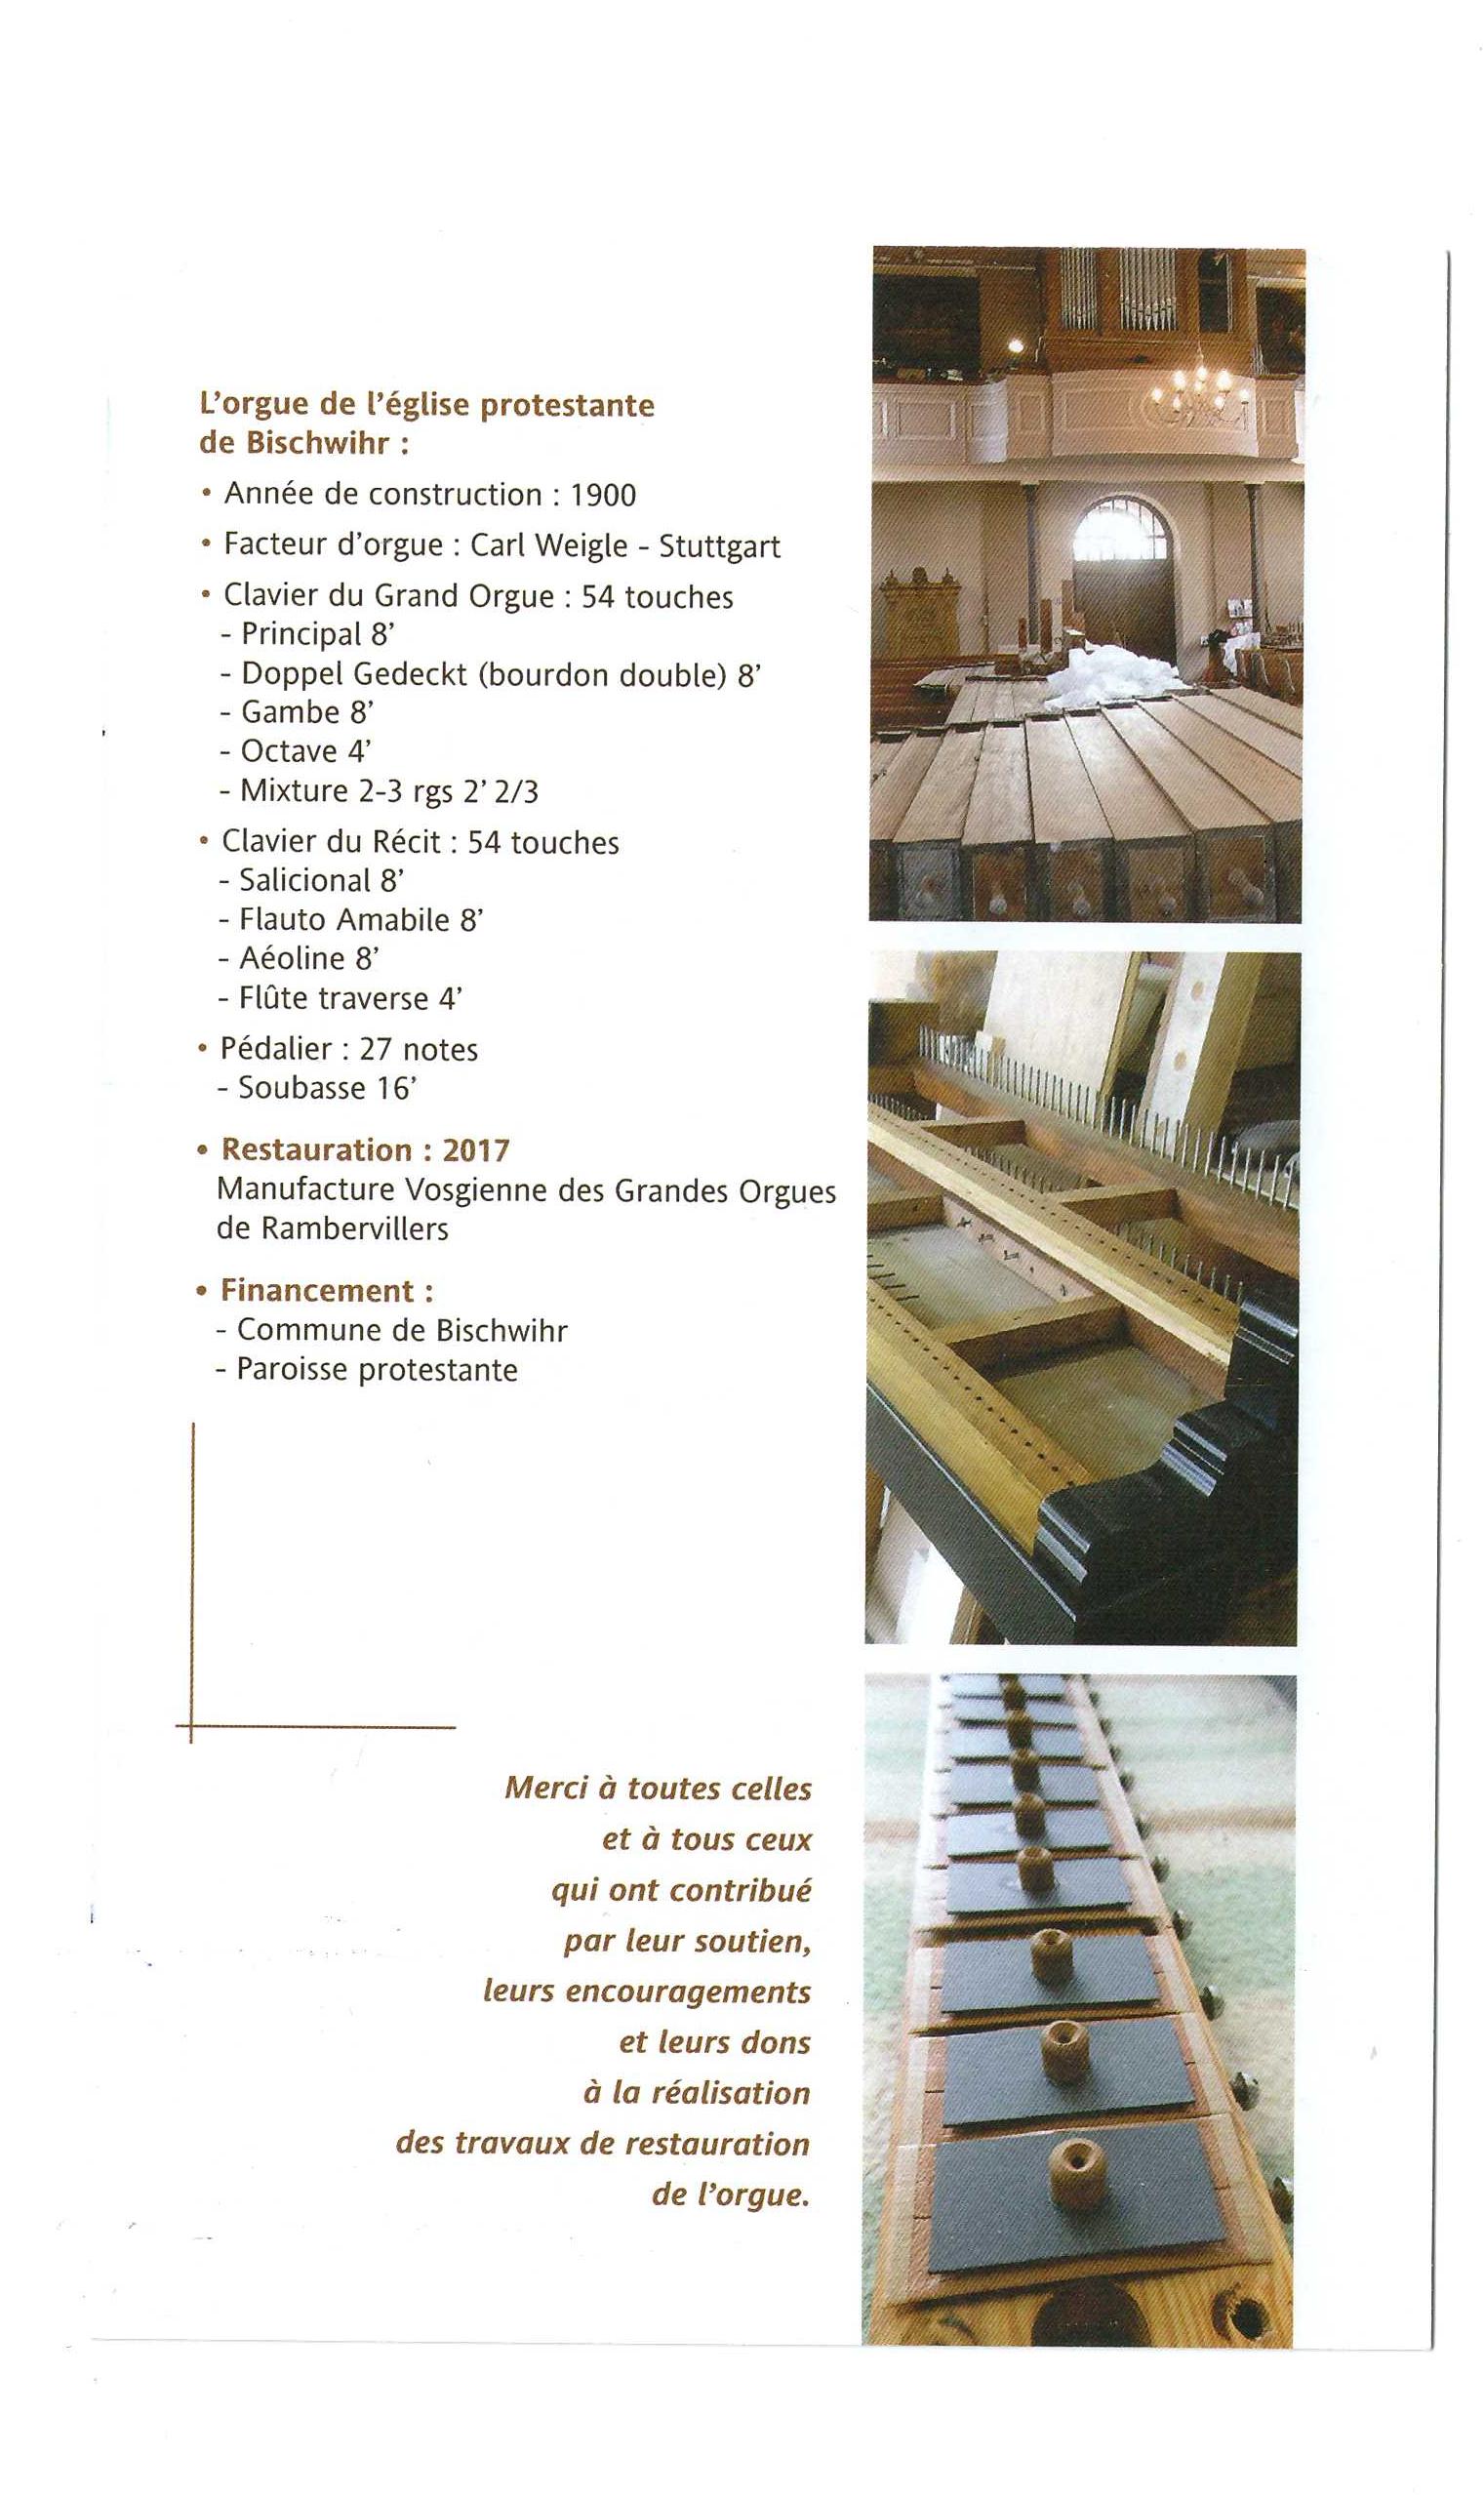 Inauguration orgue de Bischwihr page 11